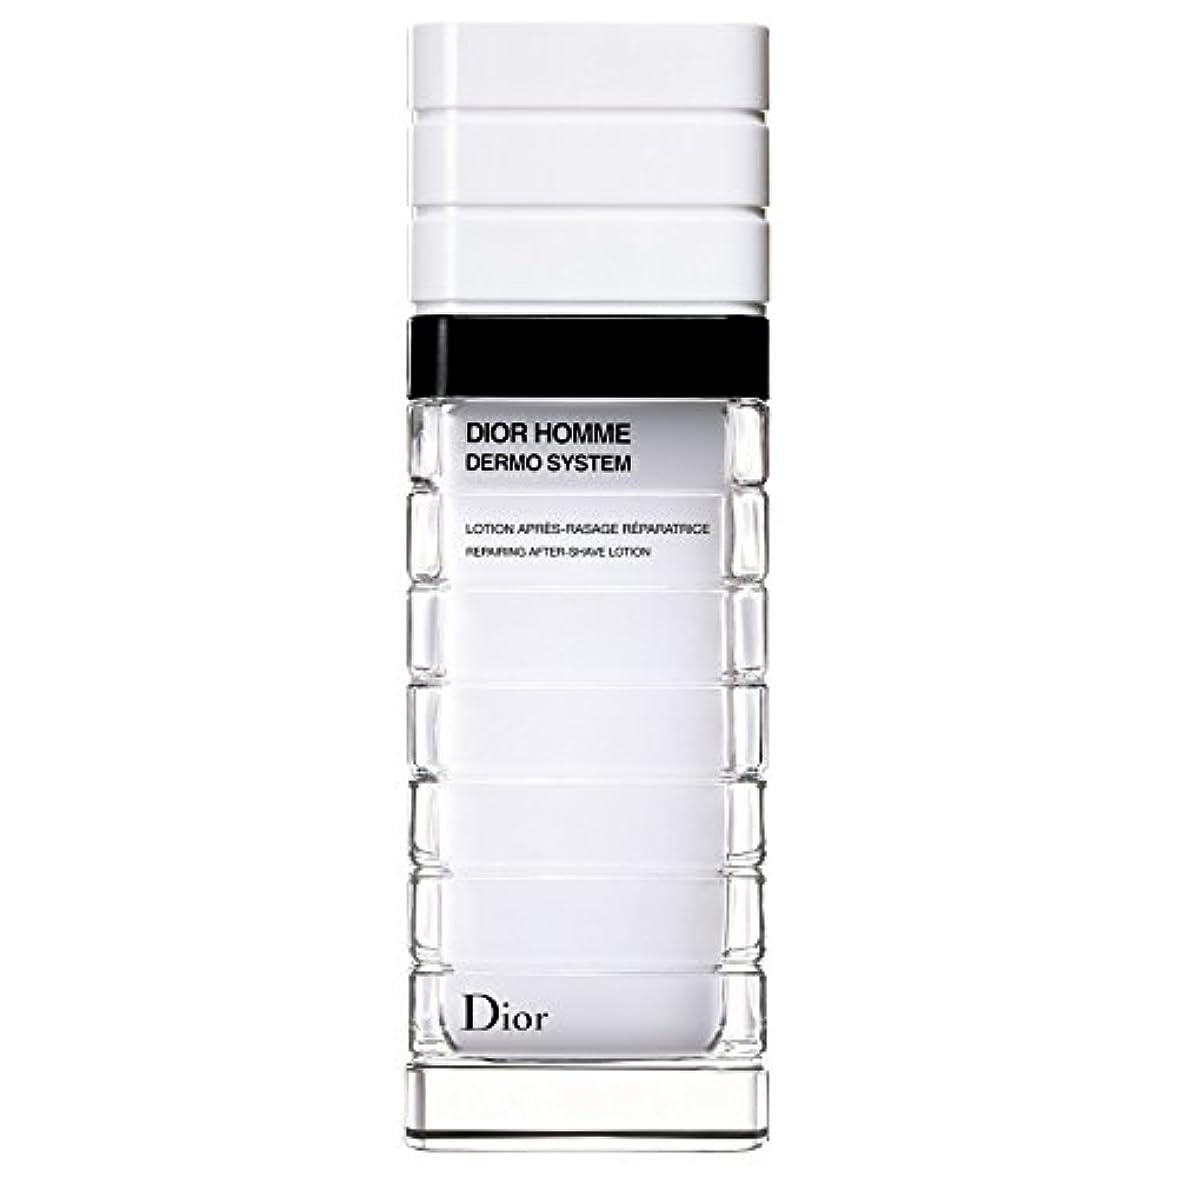 ホップ影選挙[Dior] ディオールディオールオムの、真皮システムローションポンプボトル100ミリリットル - Dior Dior Homme Dermo System Lotion Pump Bottle 100ml [並行輸入品]